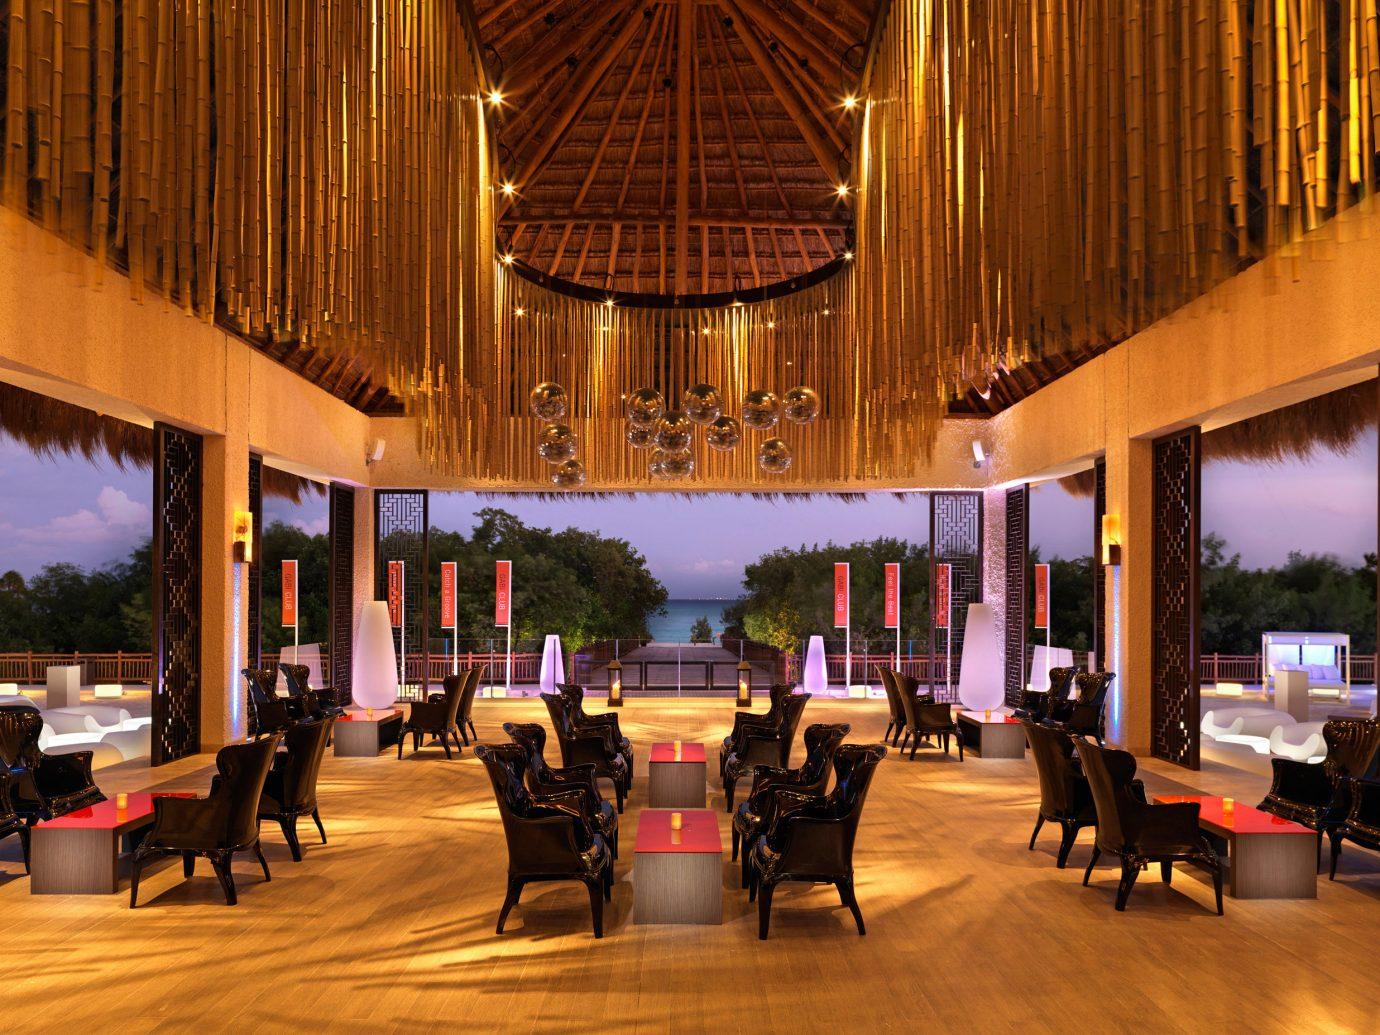 Hotels floor indoor Lobby building Resort restaurant estate interior design function hall palace organ